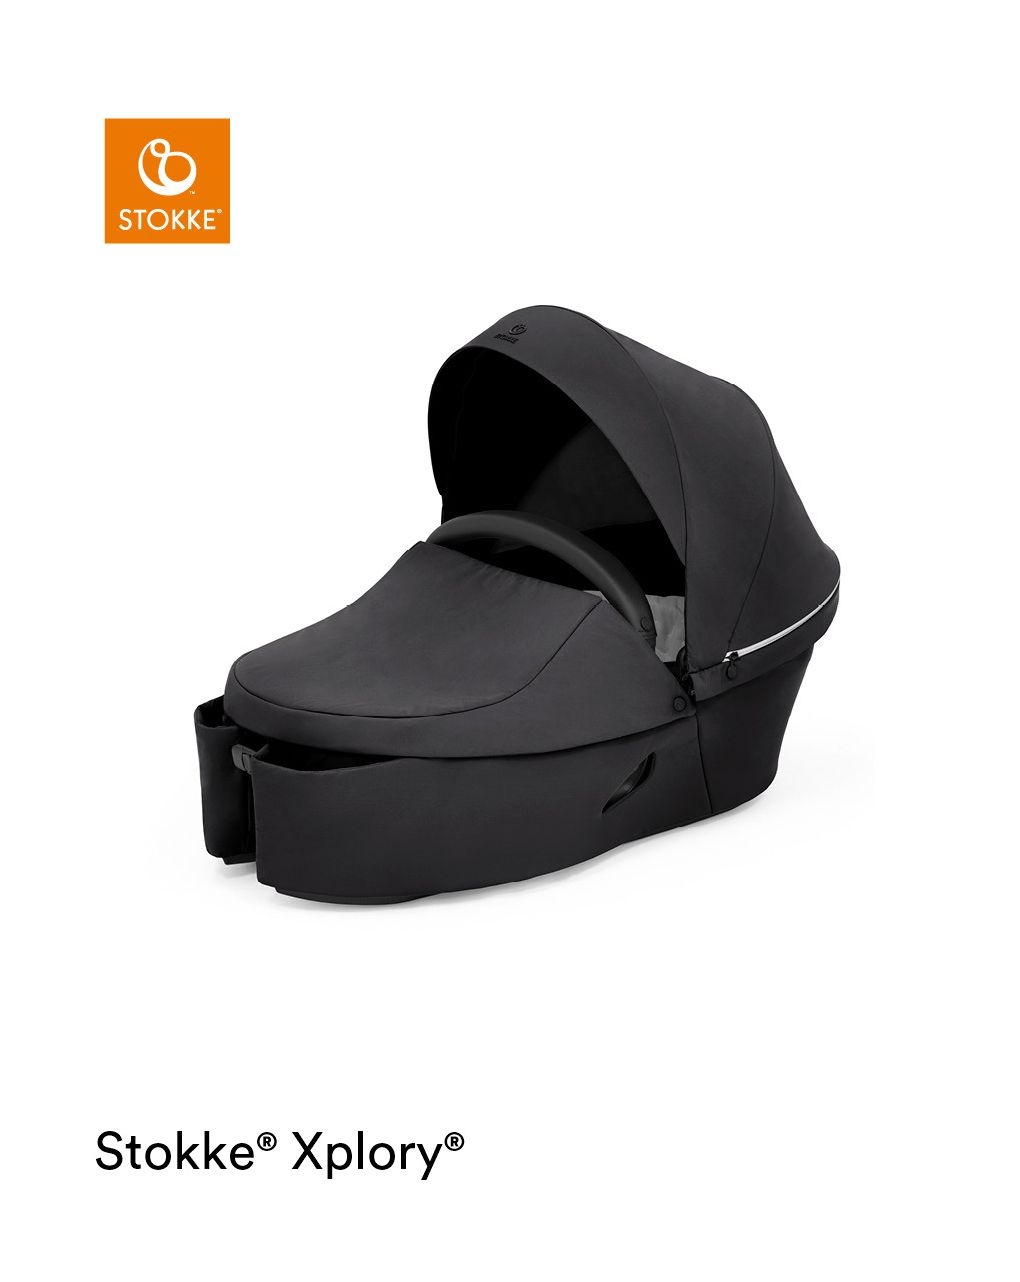 Navetta stokke® xplory® x per il comfort del neonato anche fuori casa - Stokke